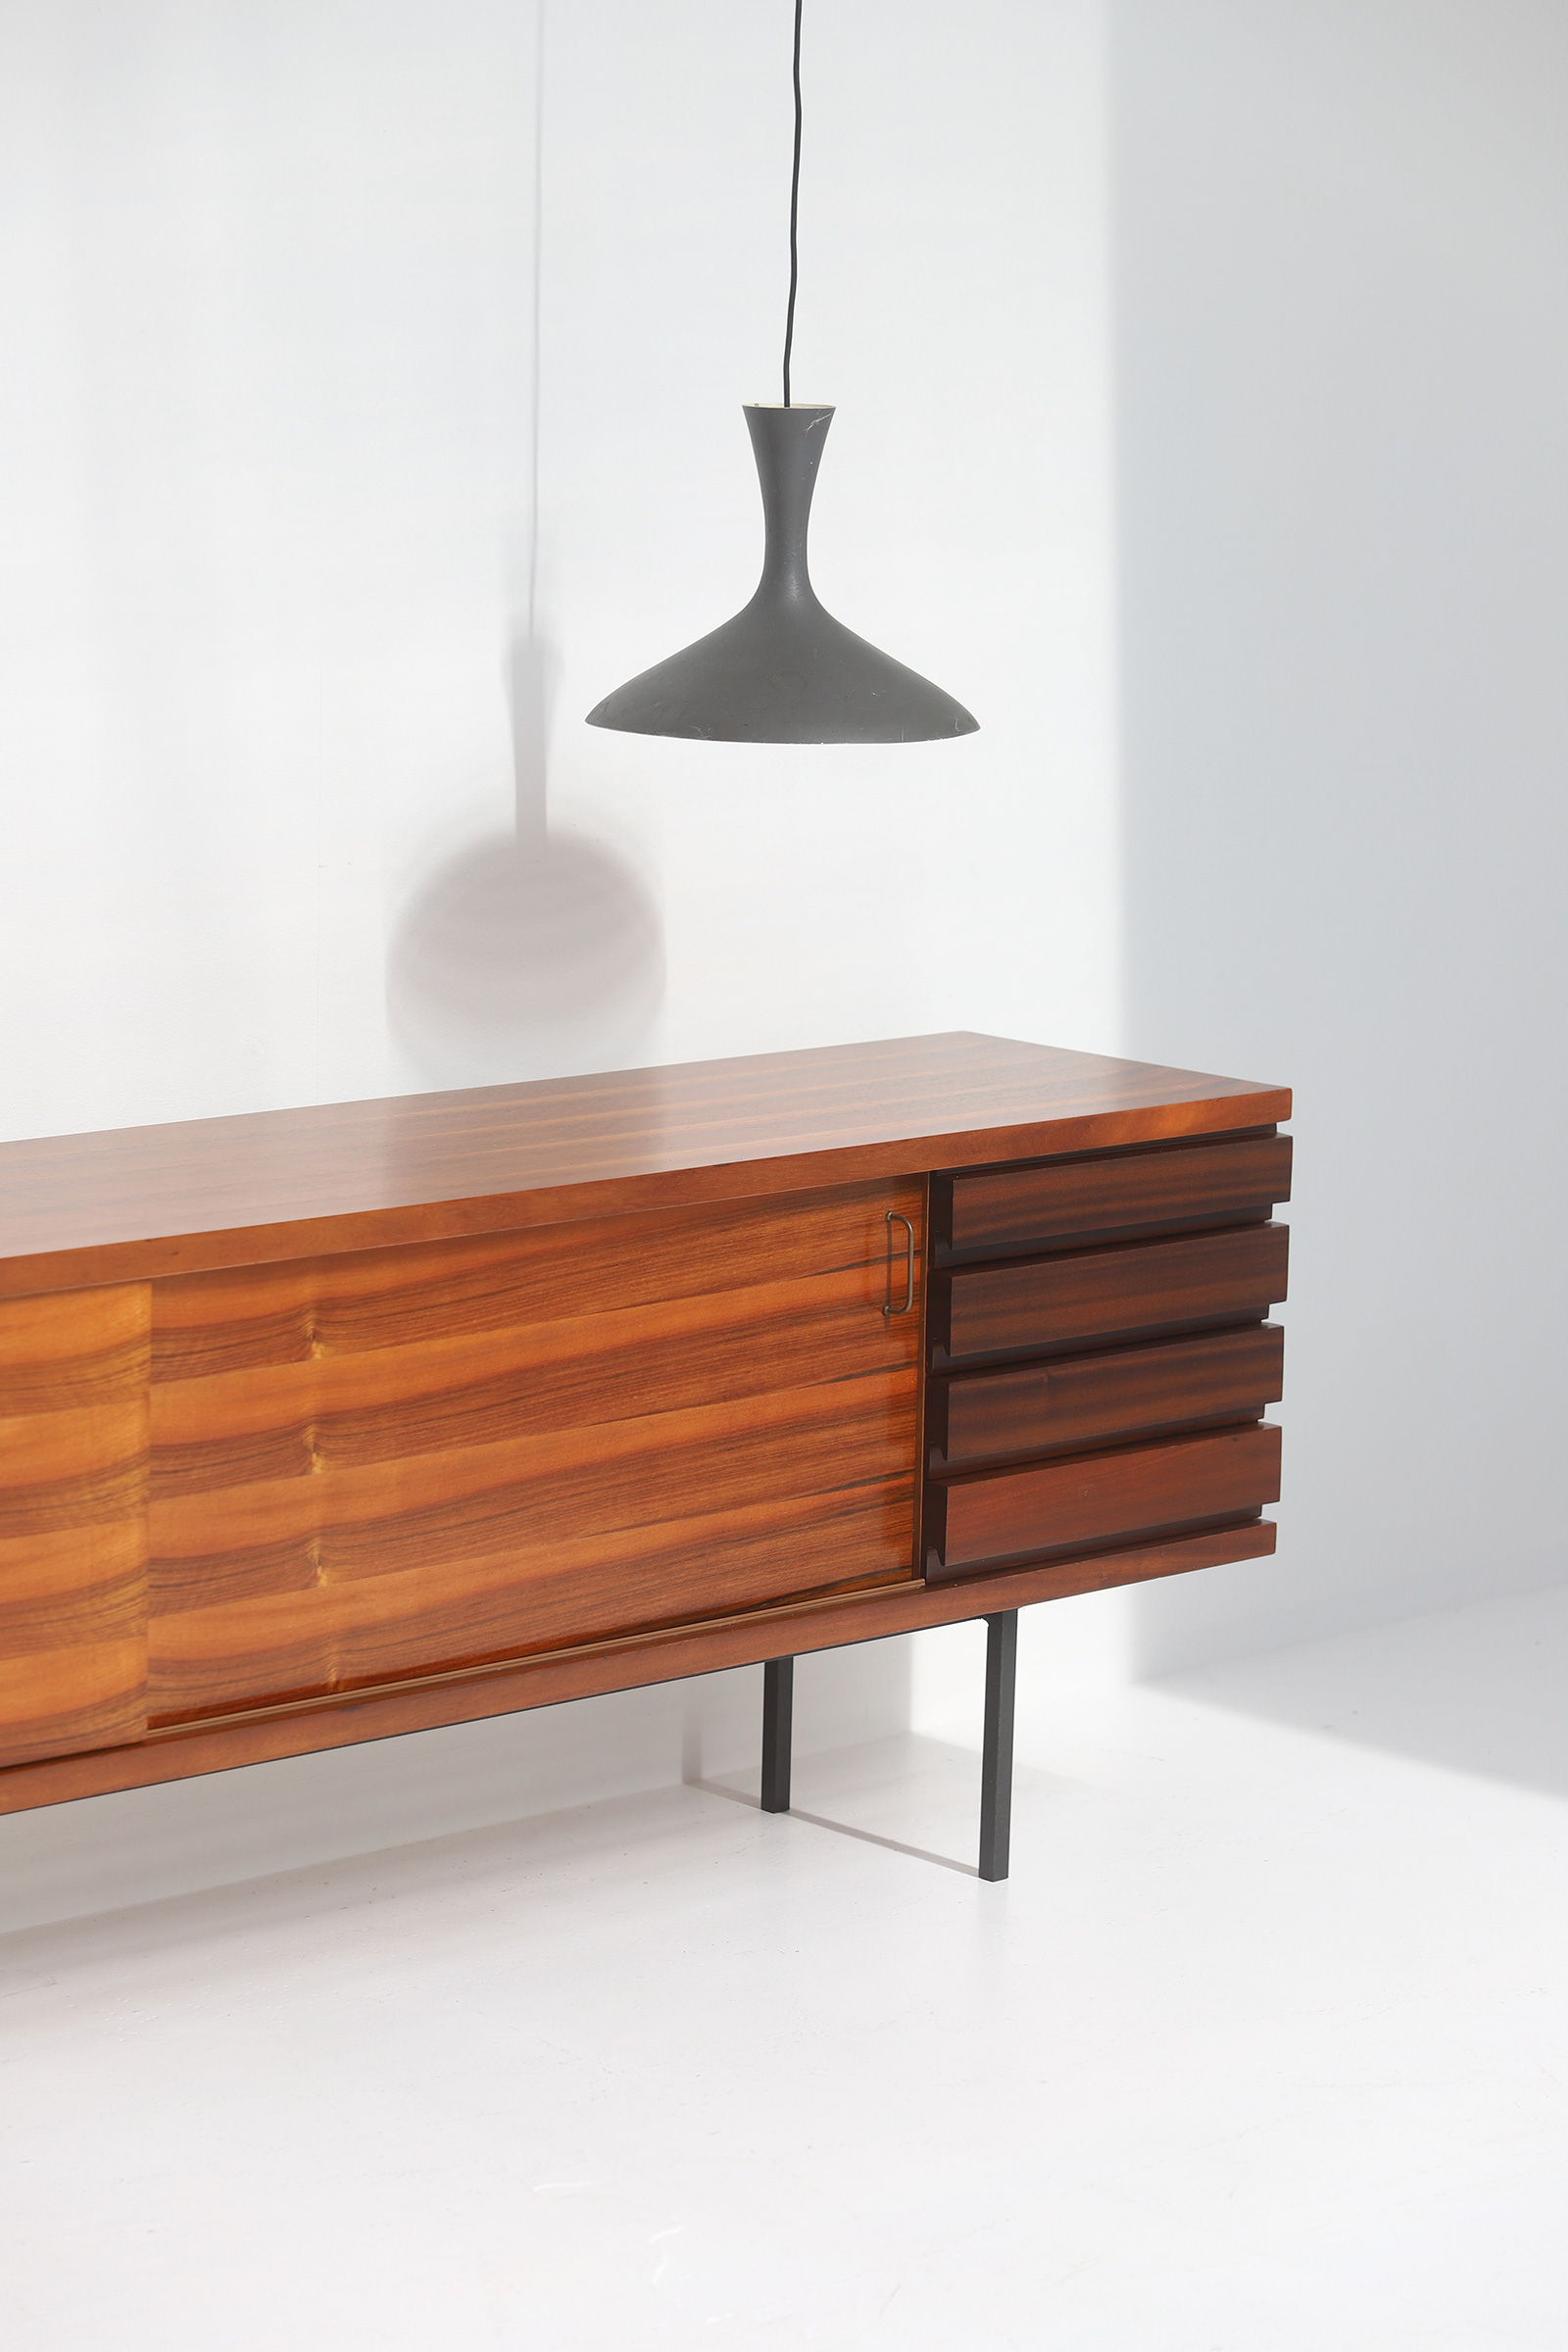 Luxus Sideboard by Jos De Mey 1950simage 7